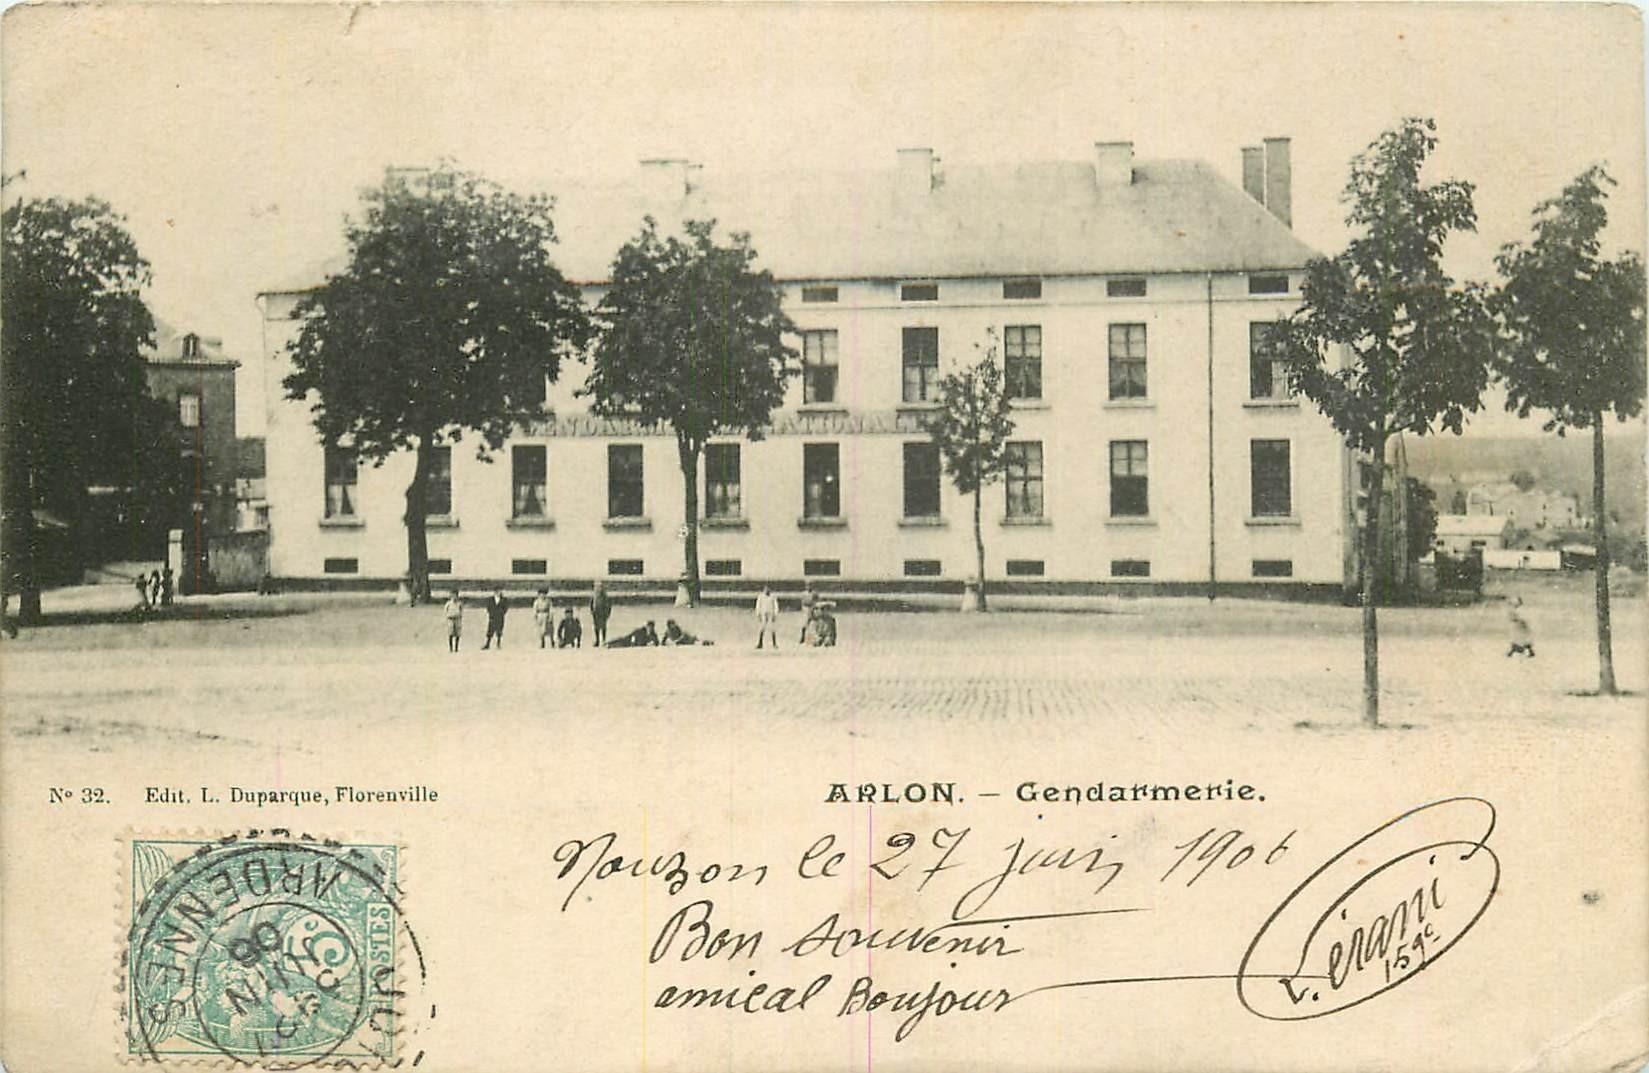 ARLON. Enfants devant la Gendarmerie 1906 au Luxembourg